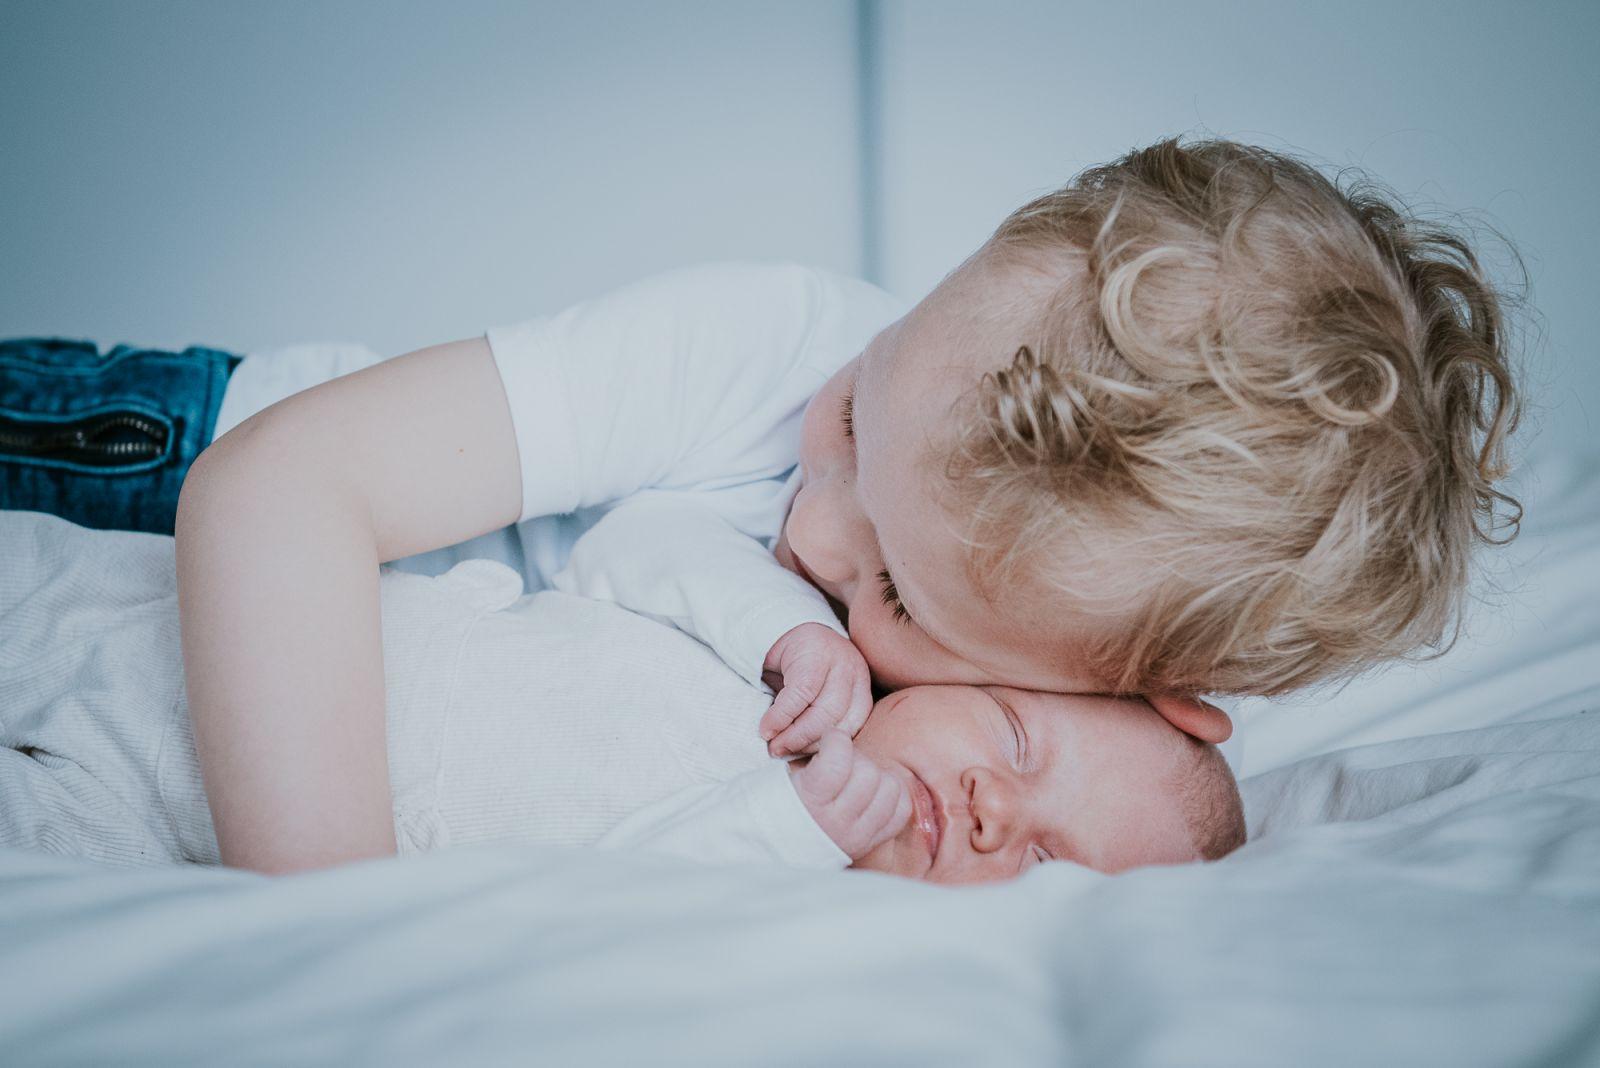 Babyfotografie Friesland, door fotograaf Nickie Fotografie uit Dokkum